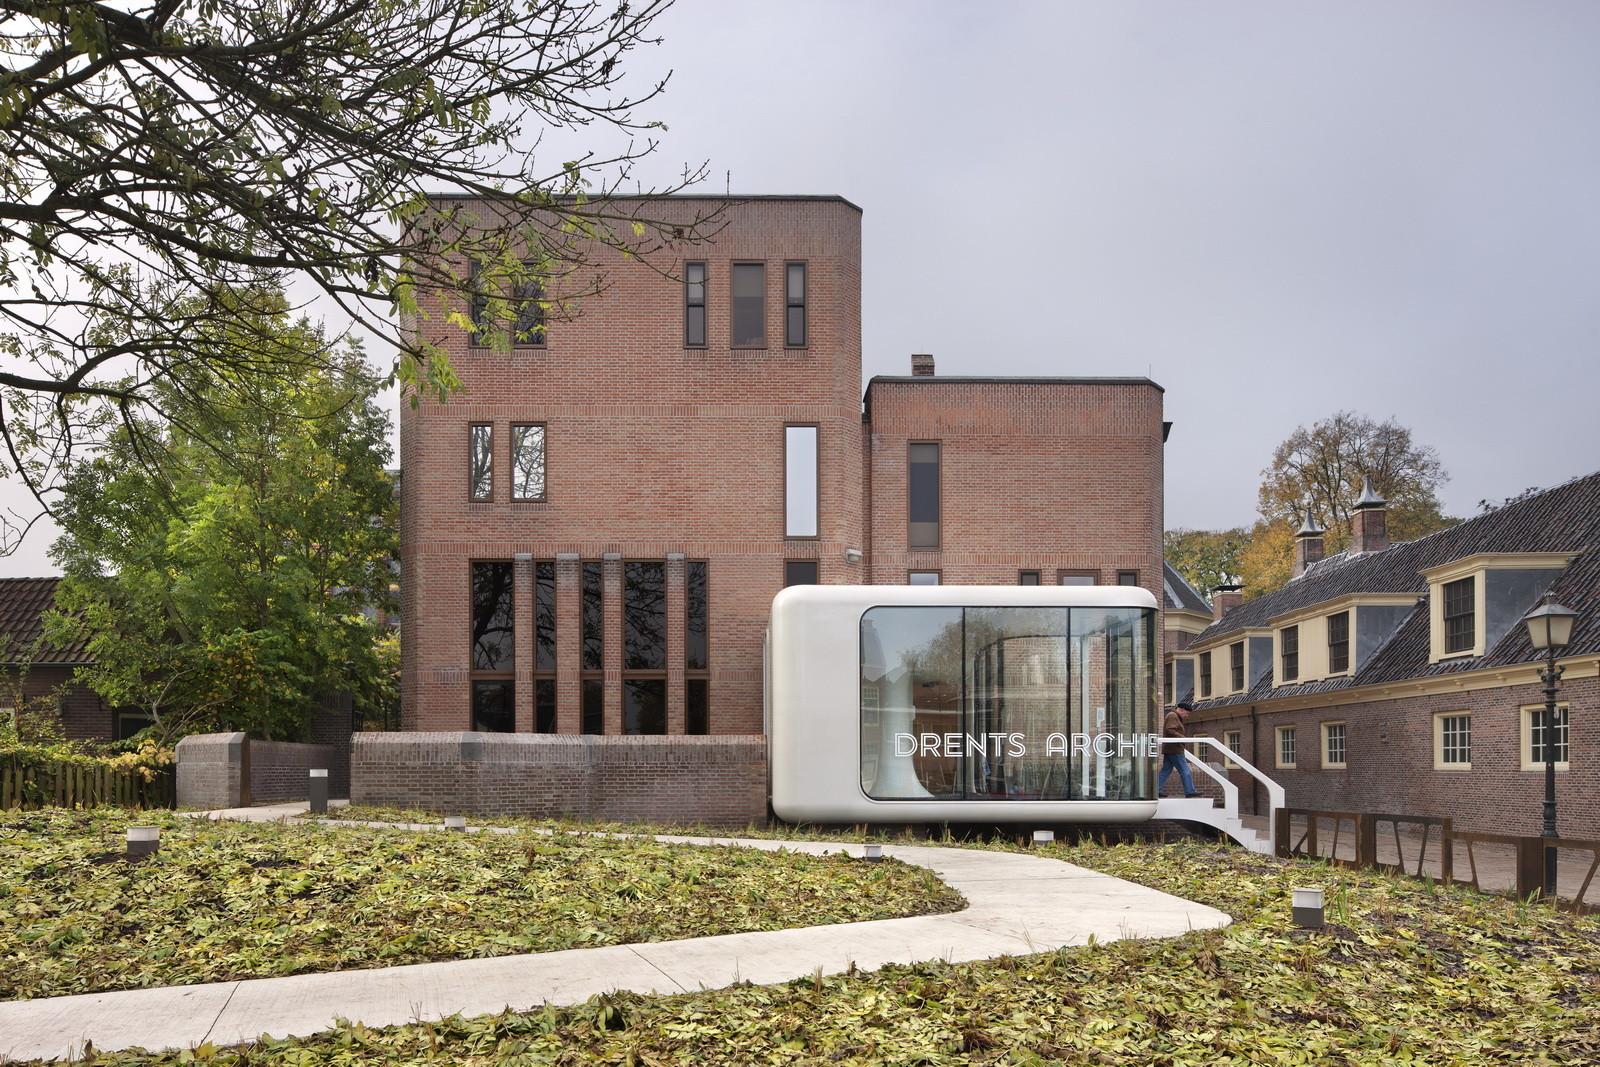 Drents Archive / Zecc Architecten